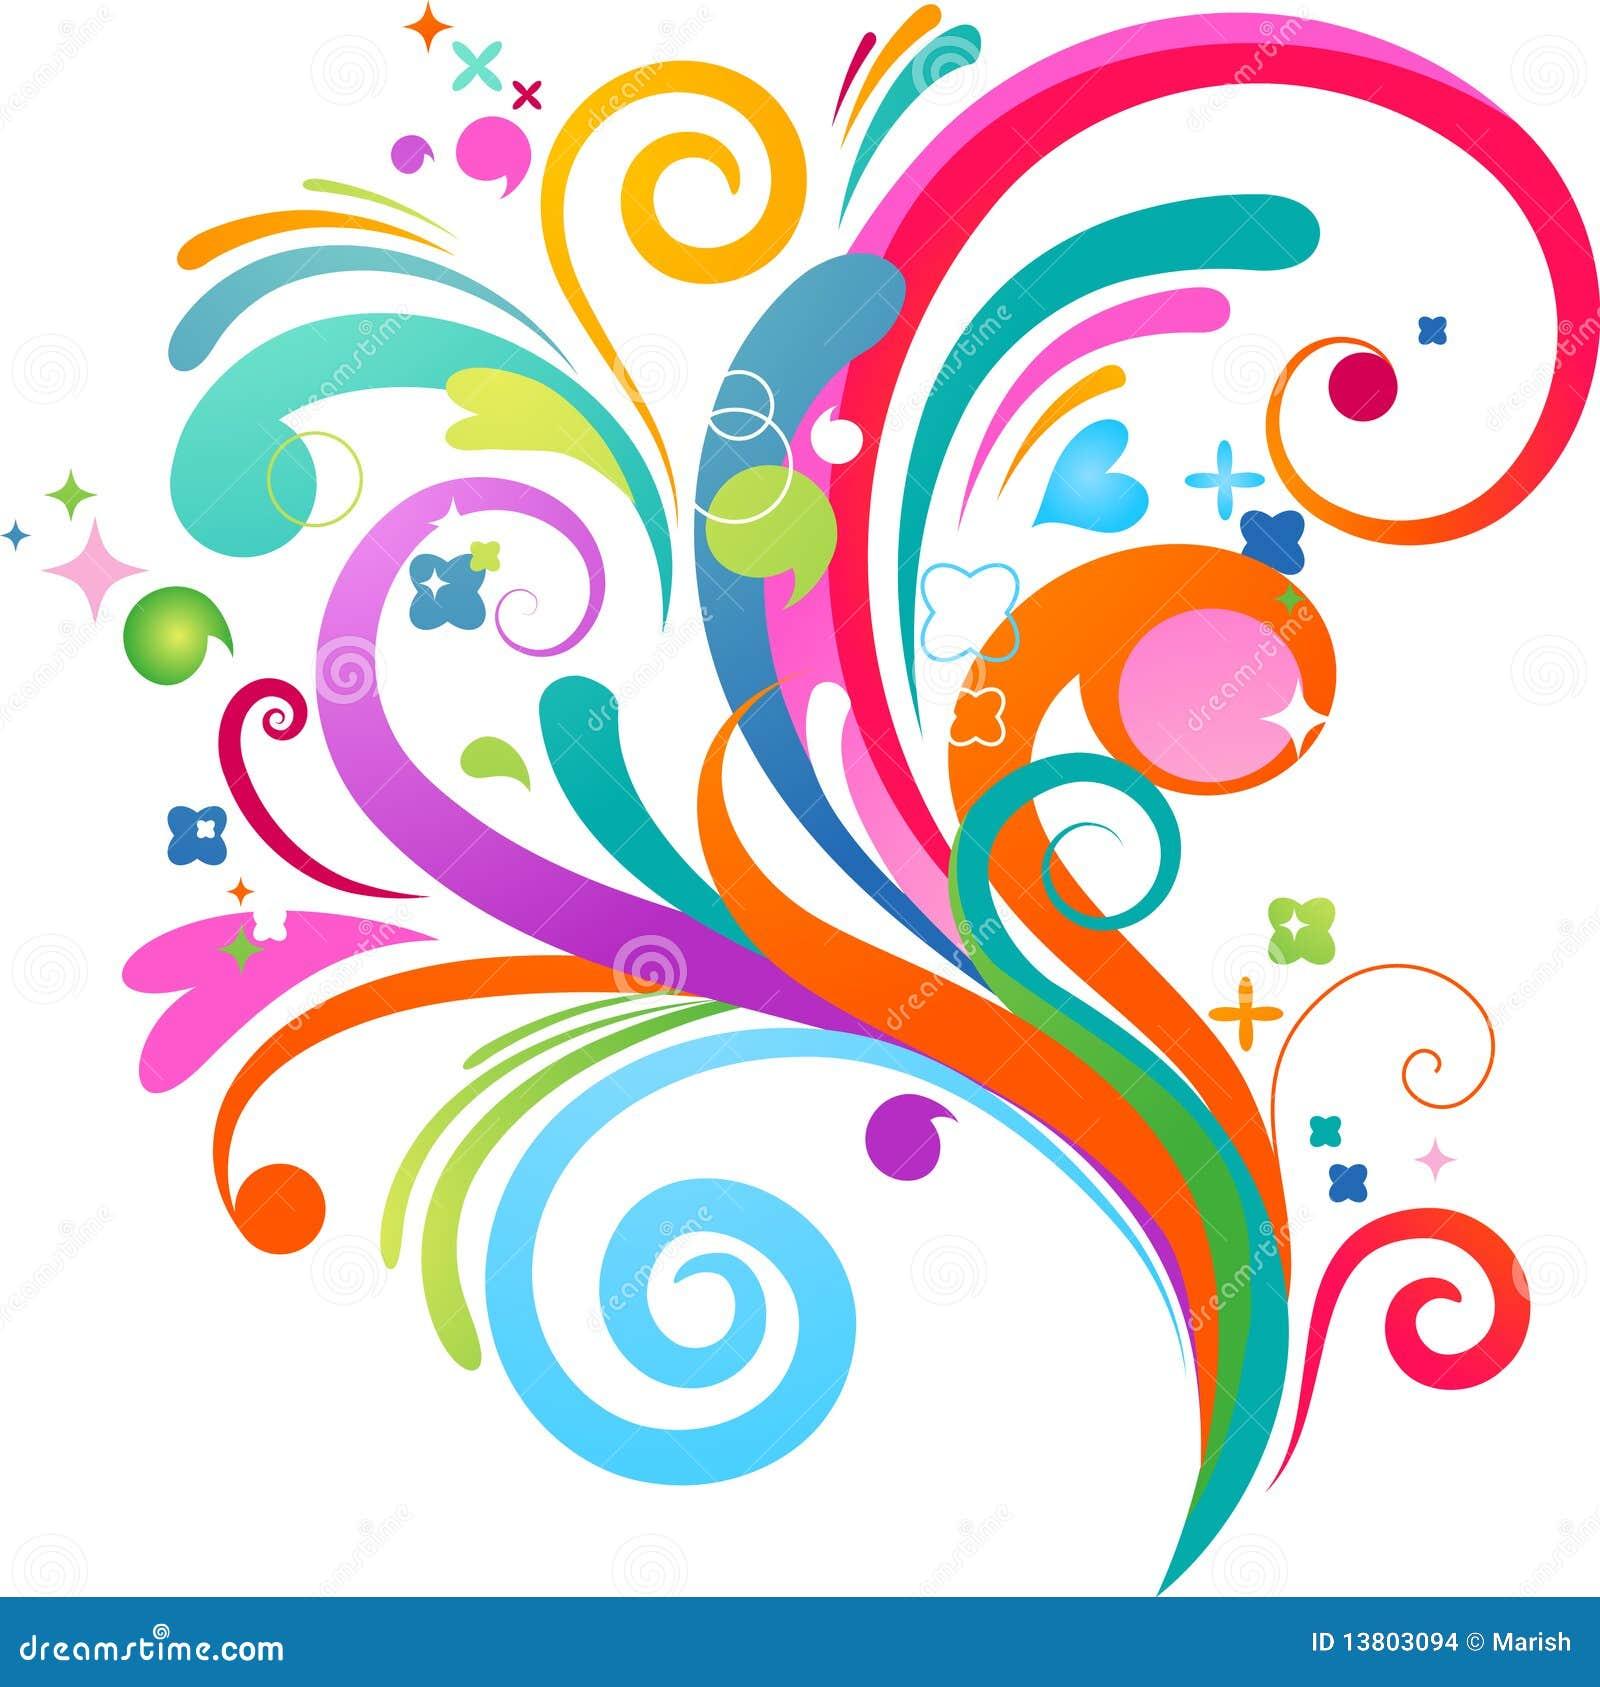 Colourful splash background